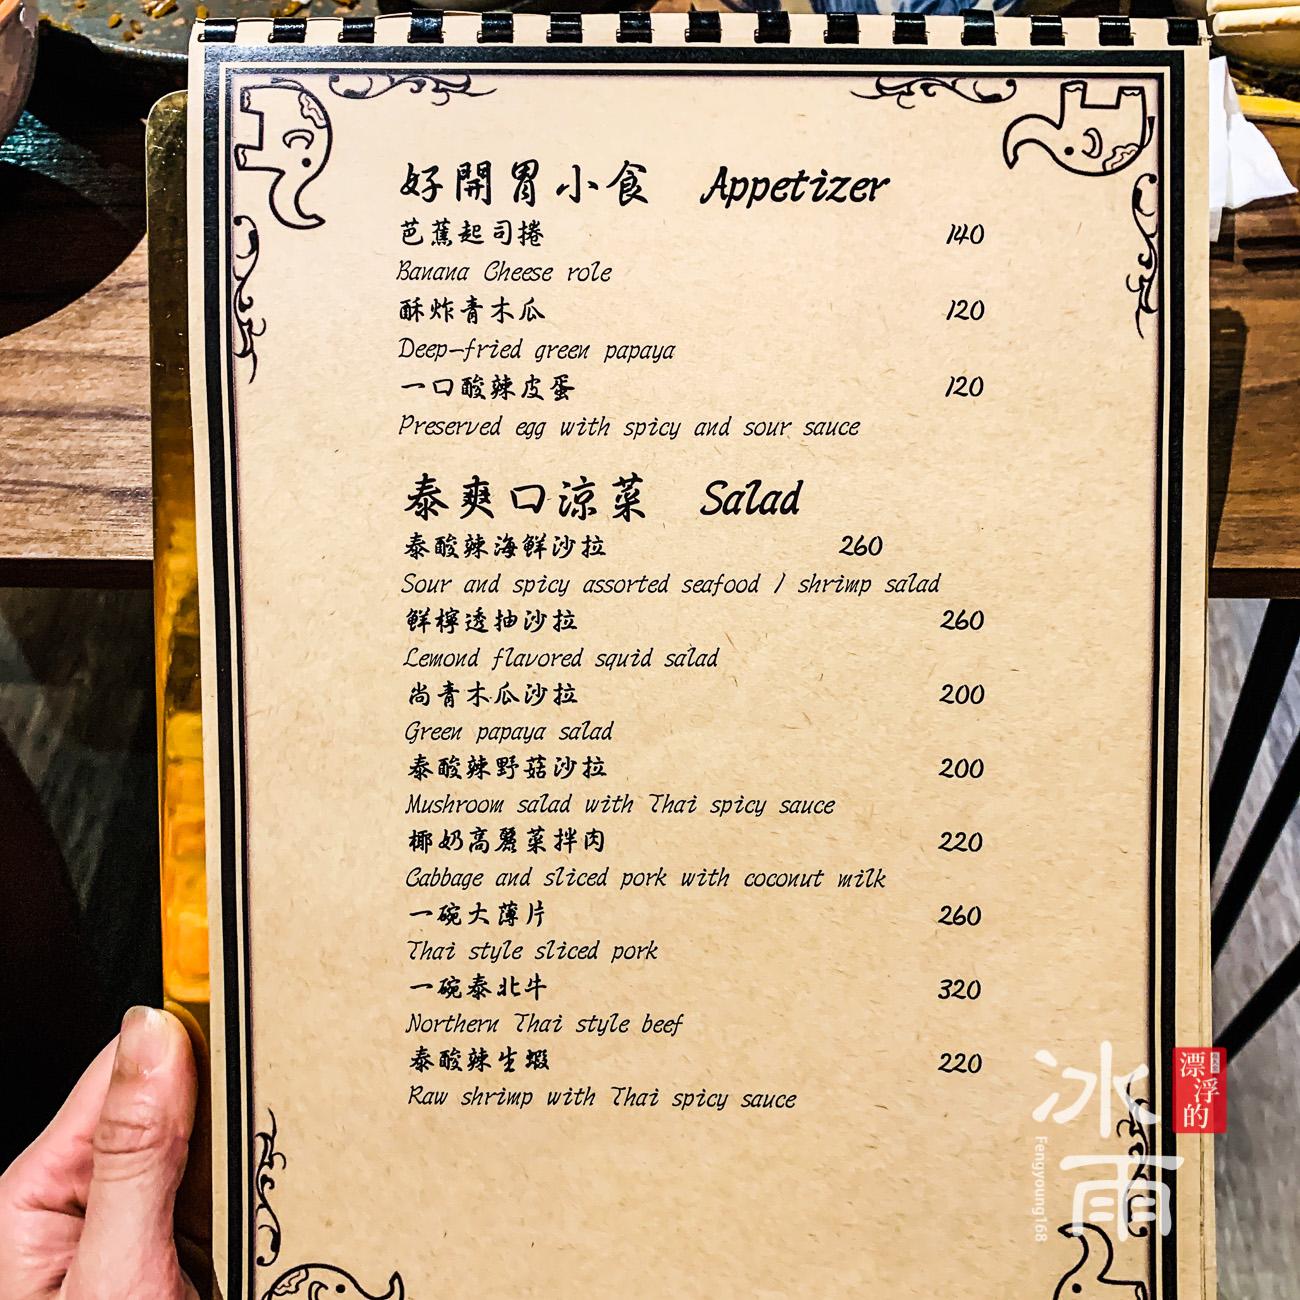 開胃小菜,泰式的涼菜這裡也有很多,青木瓜和大薄片都很好吃